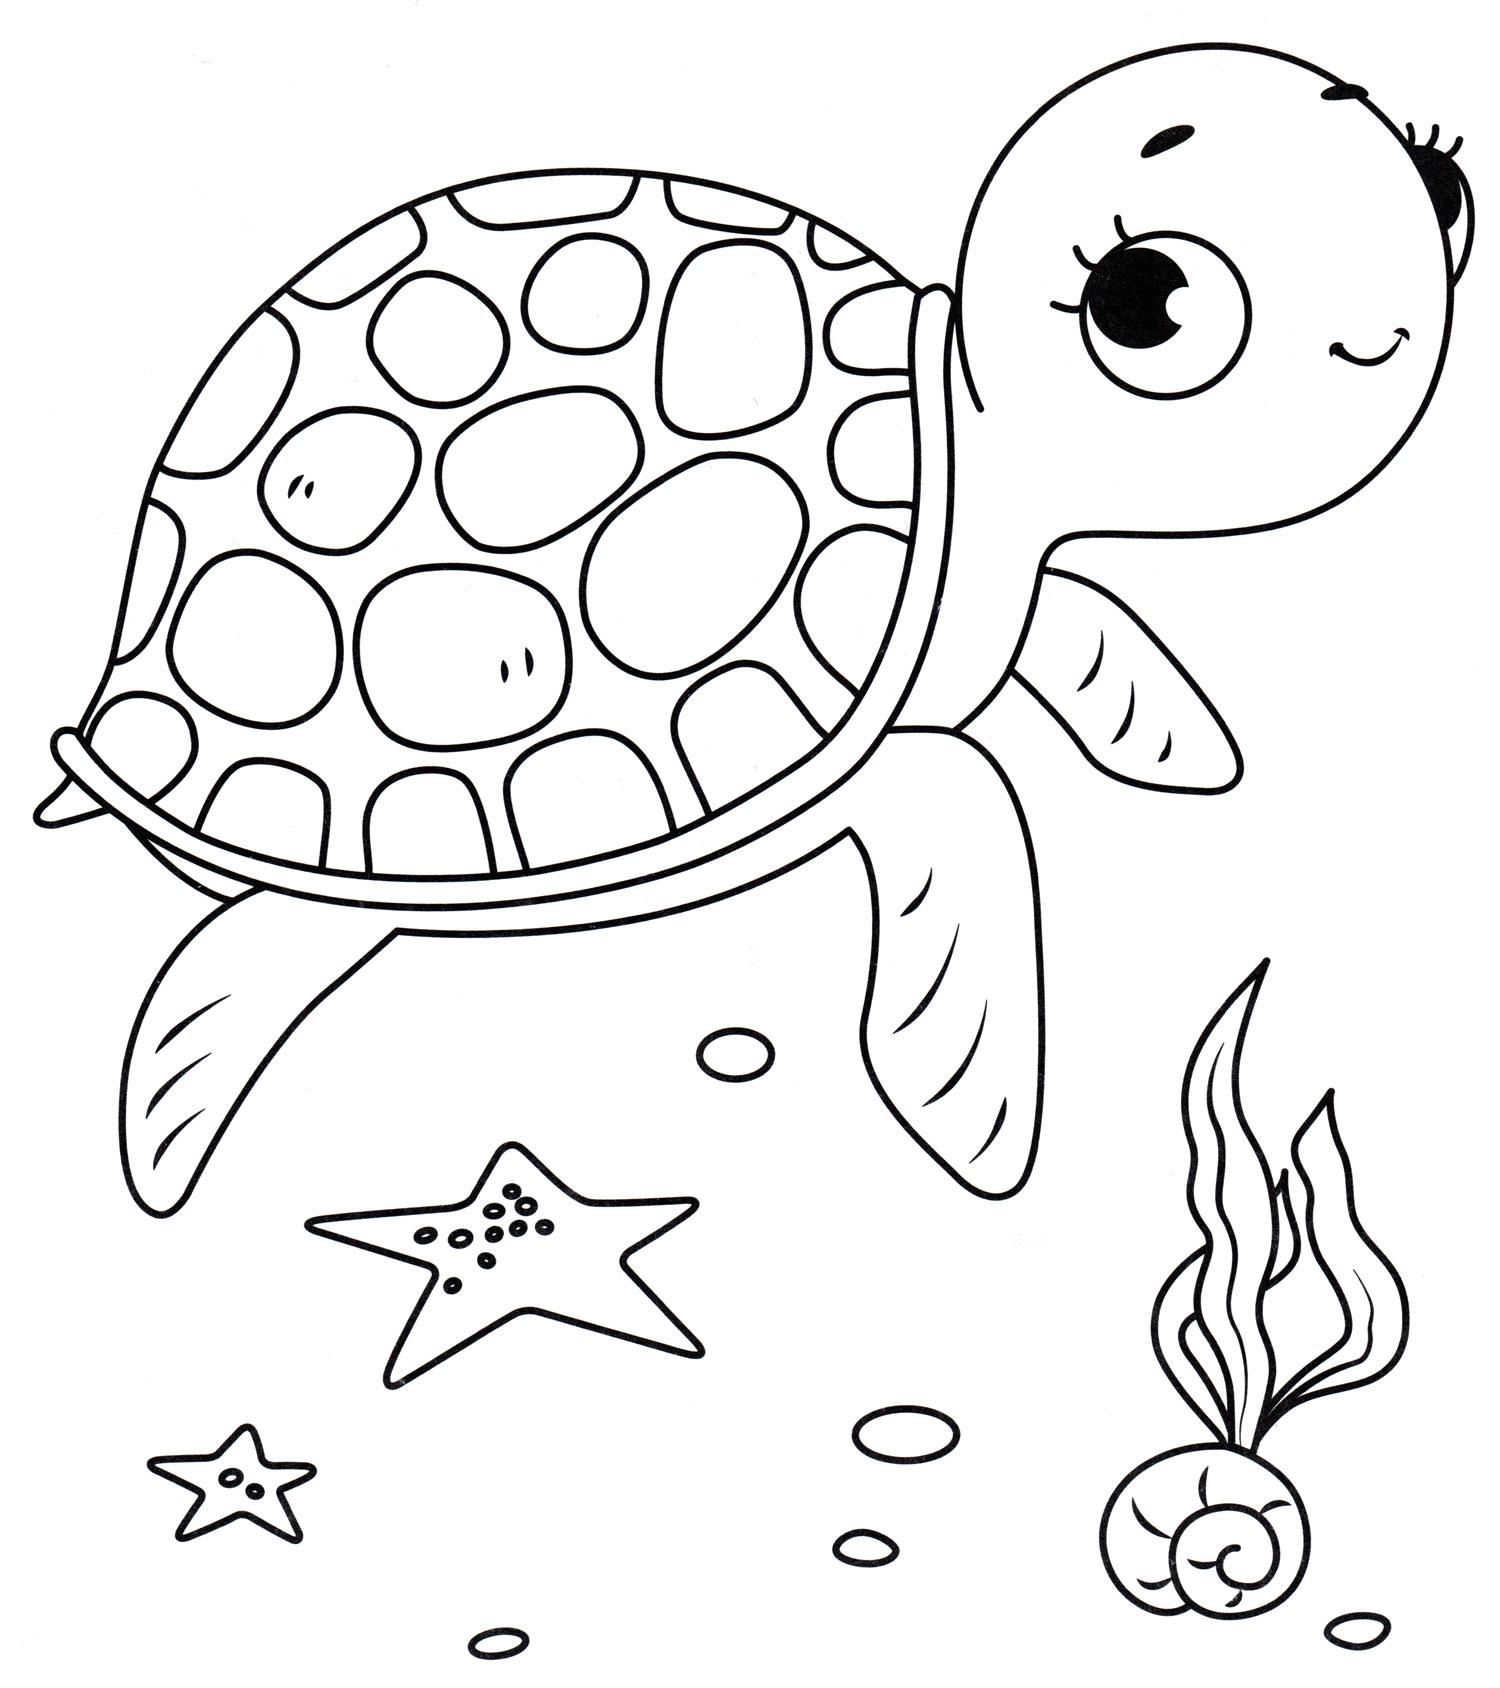 Раскраска Малышка черепашка - распечатать бесплатно